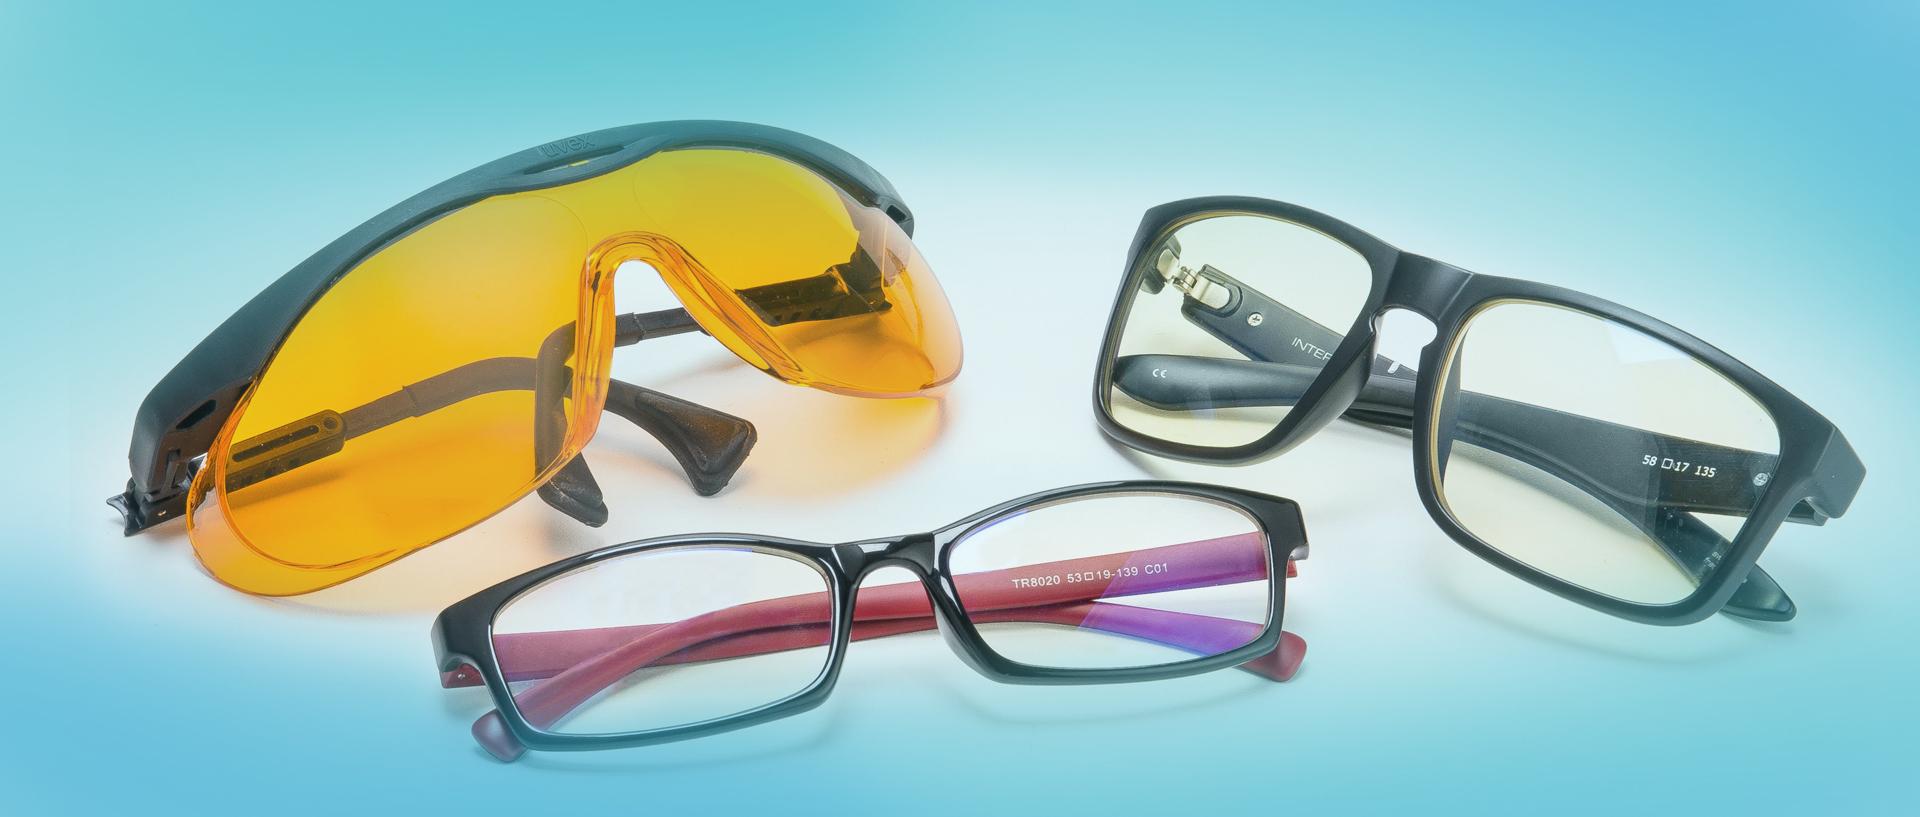 Eyeglasses cost - Eyeglasses Cost 60